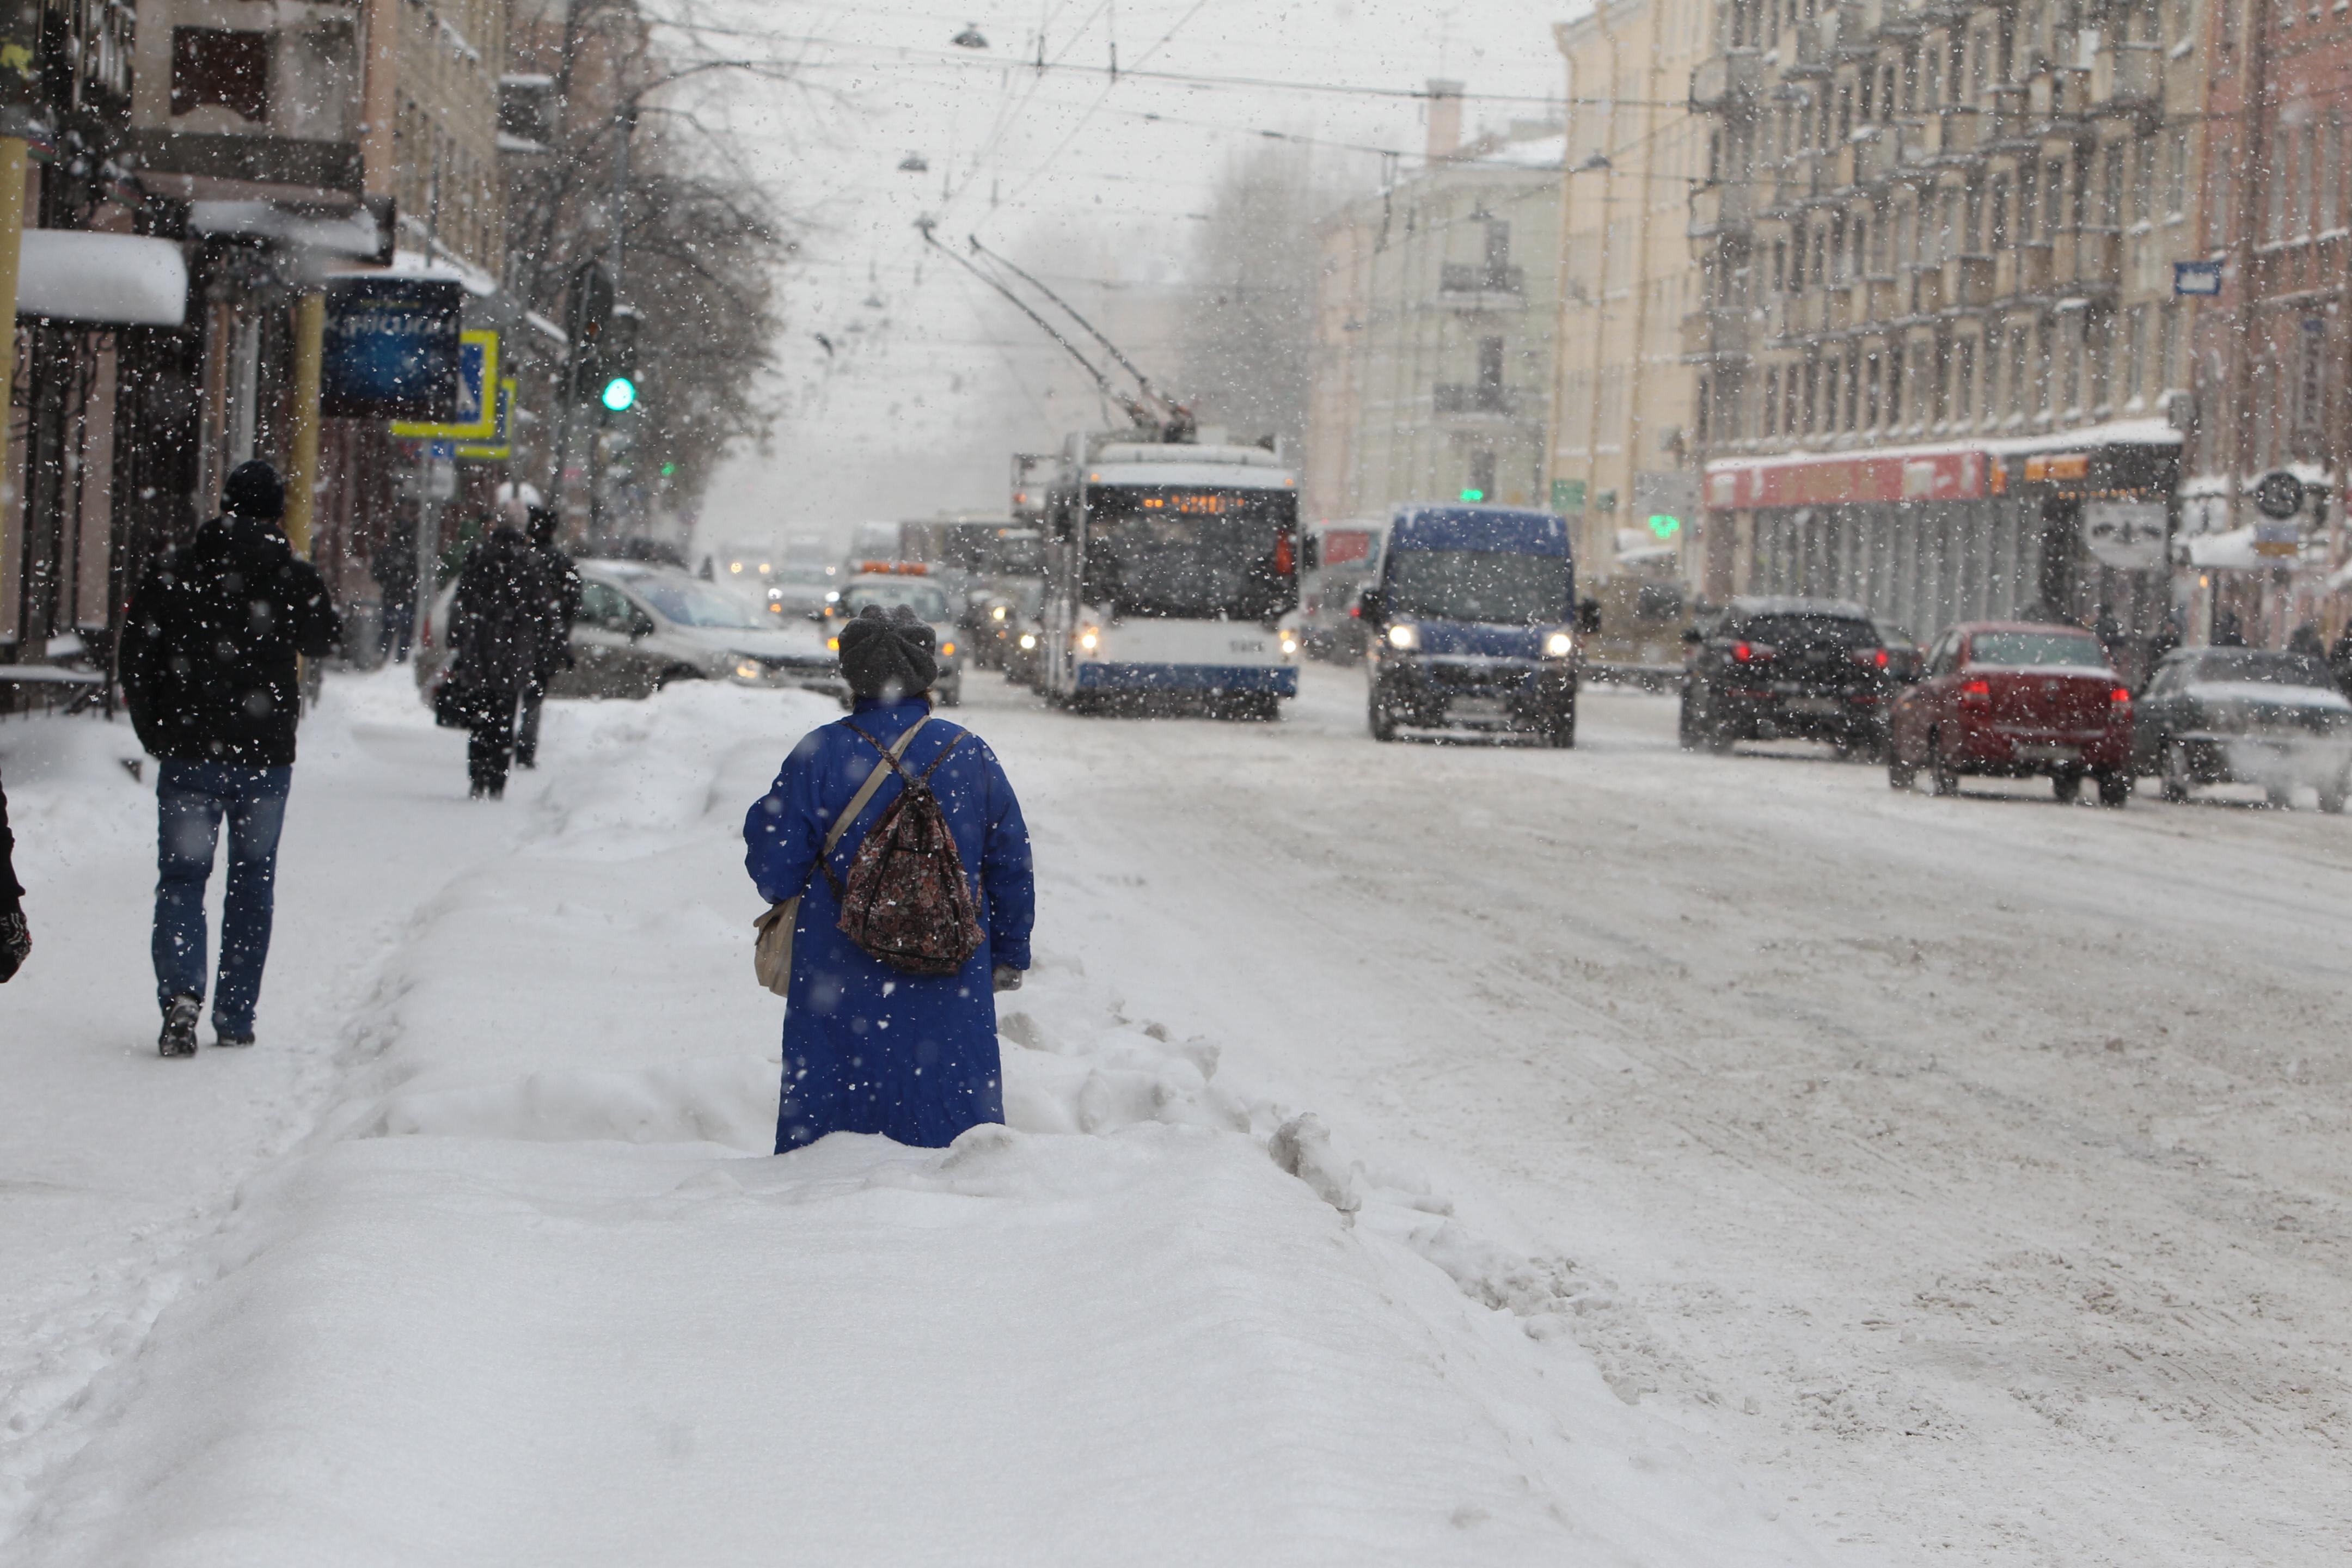 никто скажет, снег в питере сегодня фото этой статьи